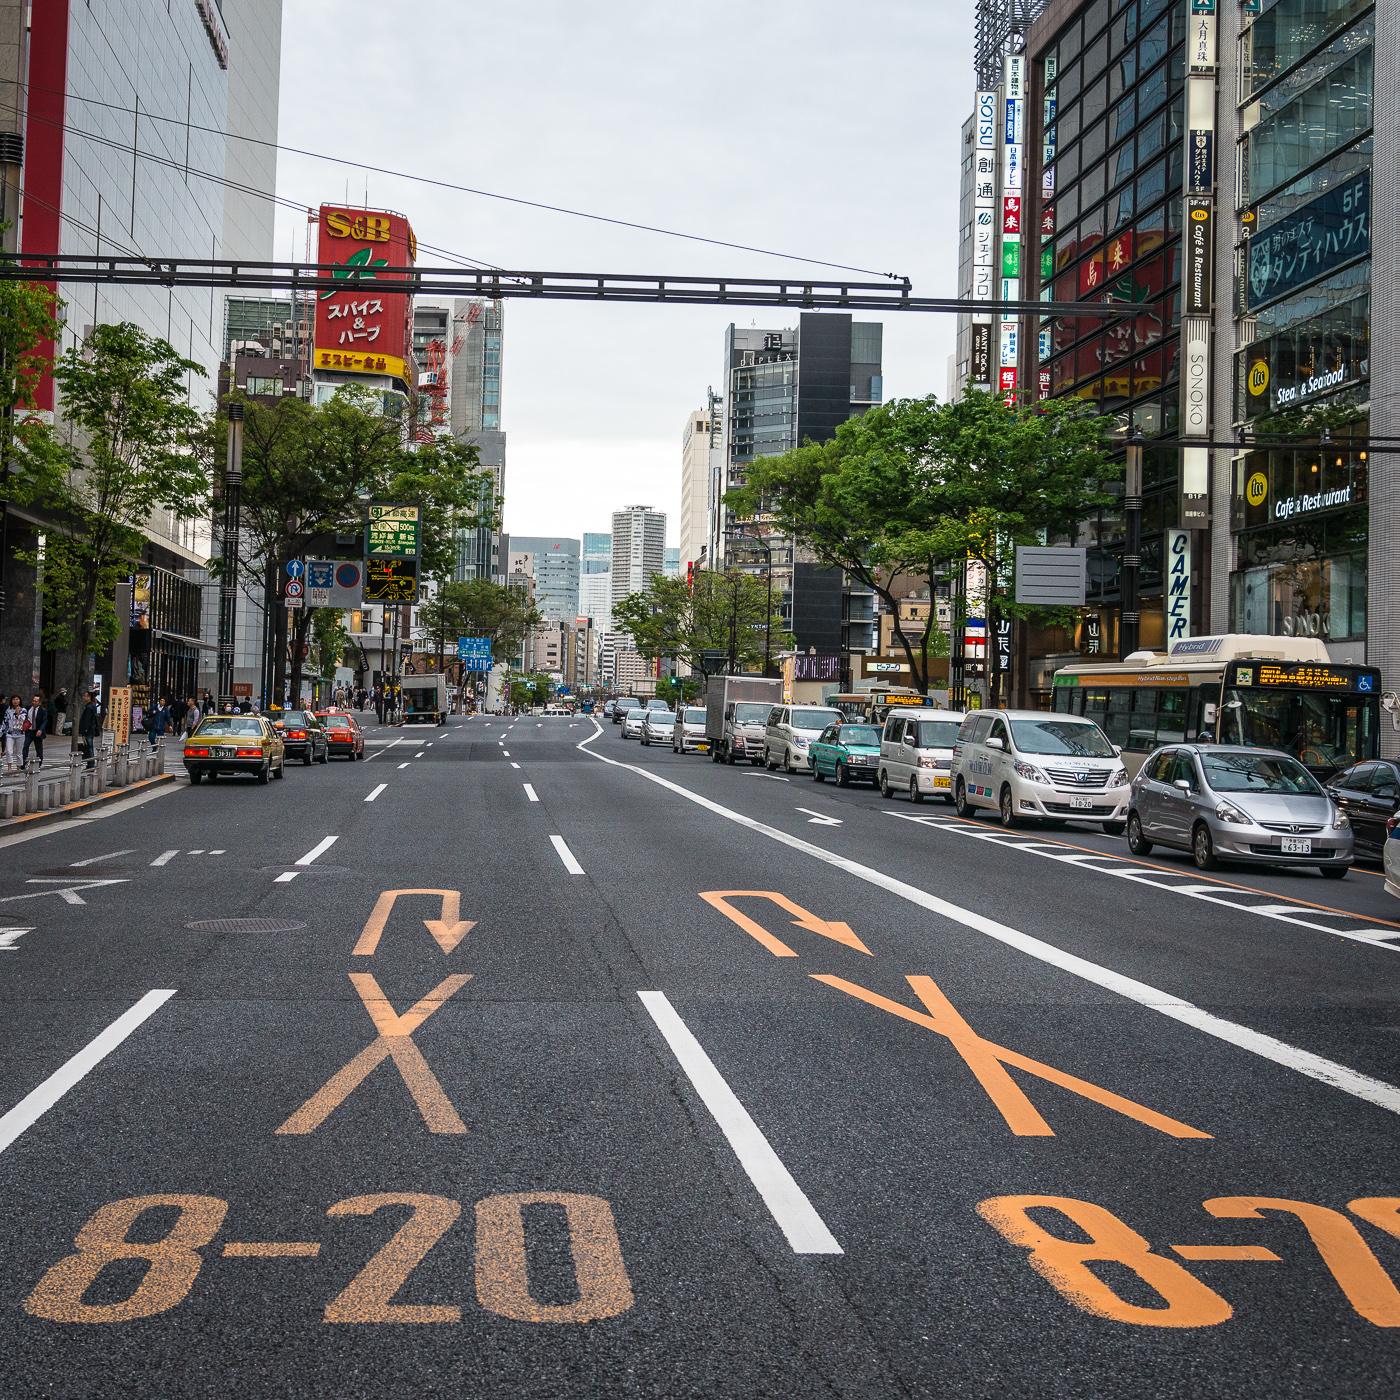 Japan Modern 13 | © Peter Berlinghof